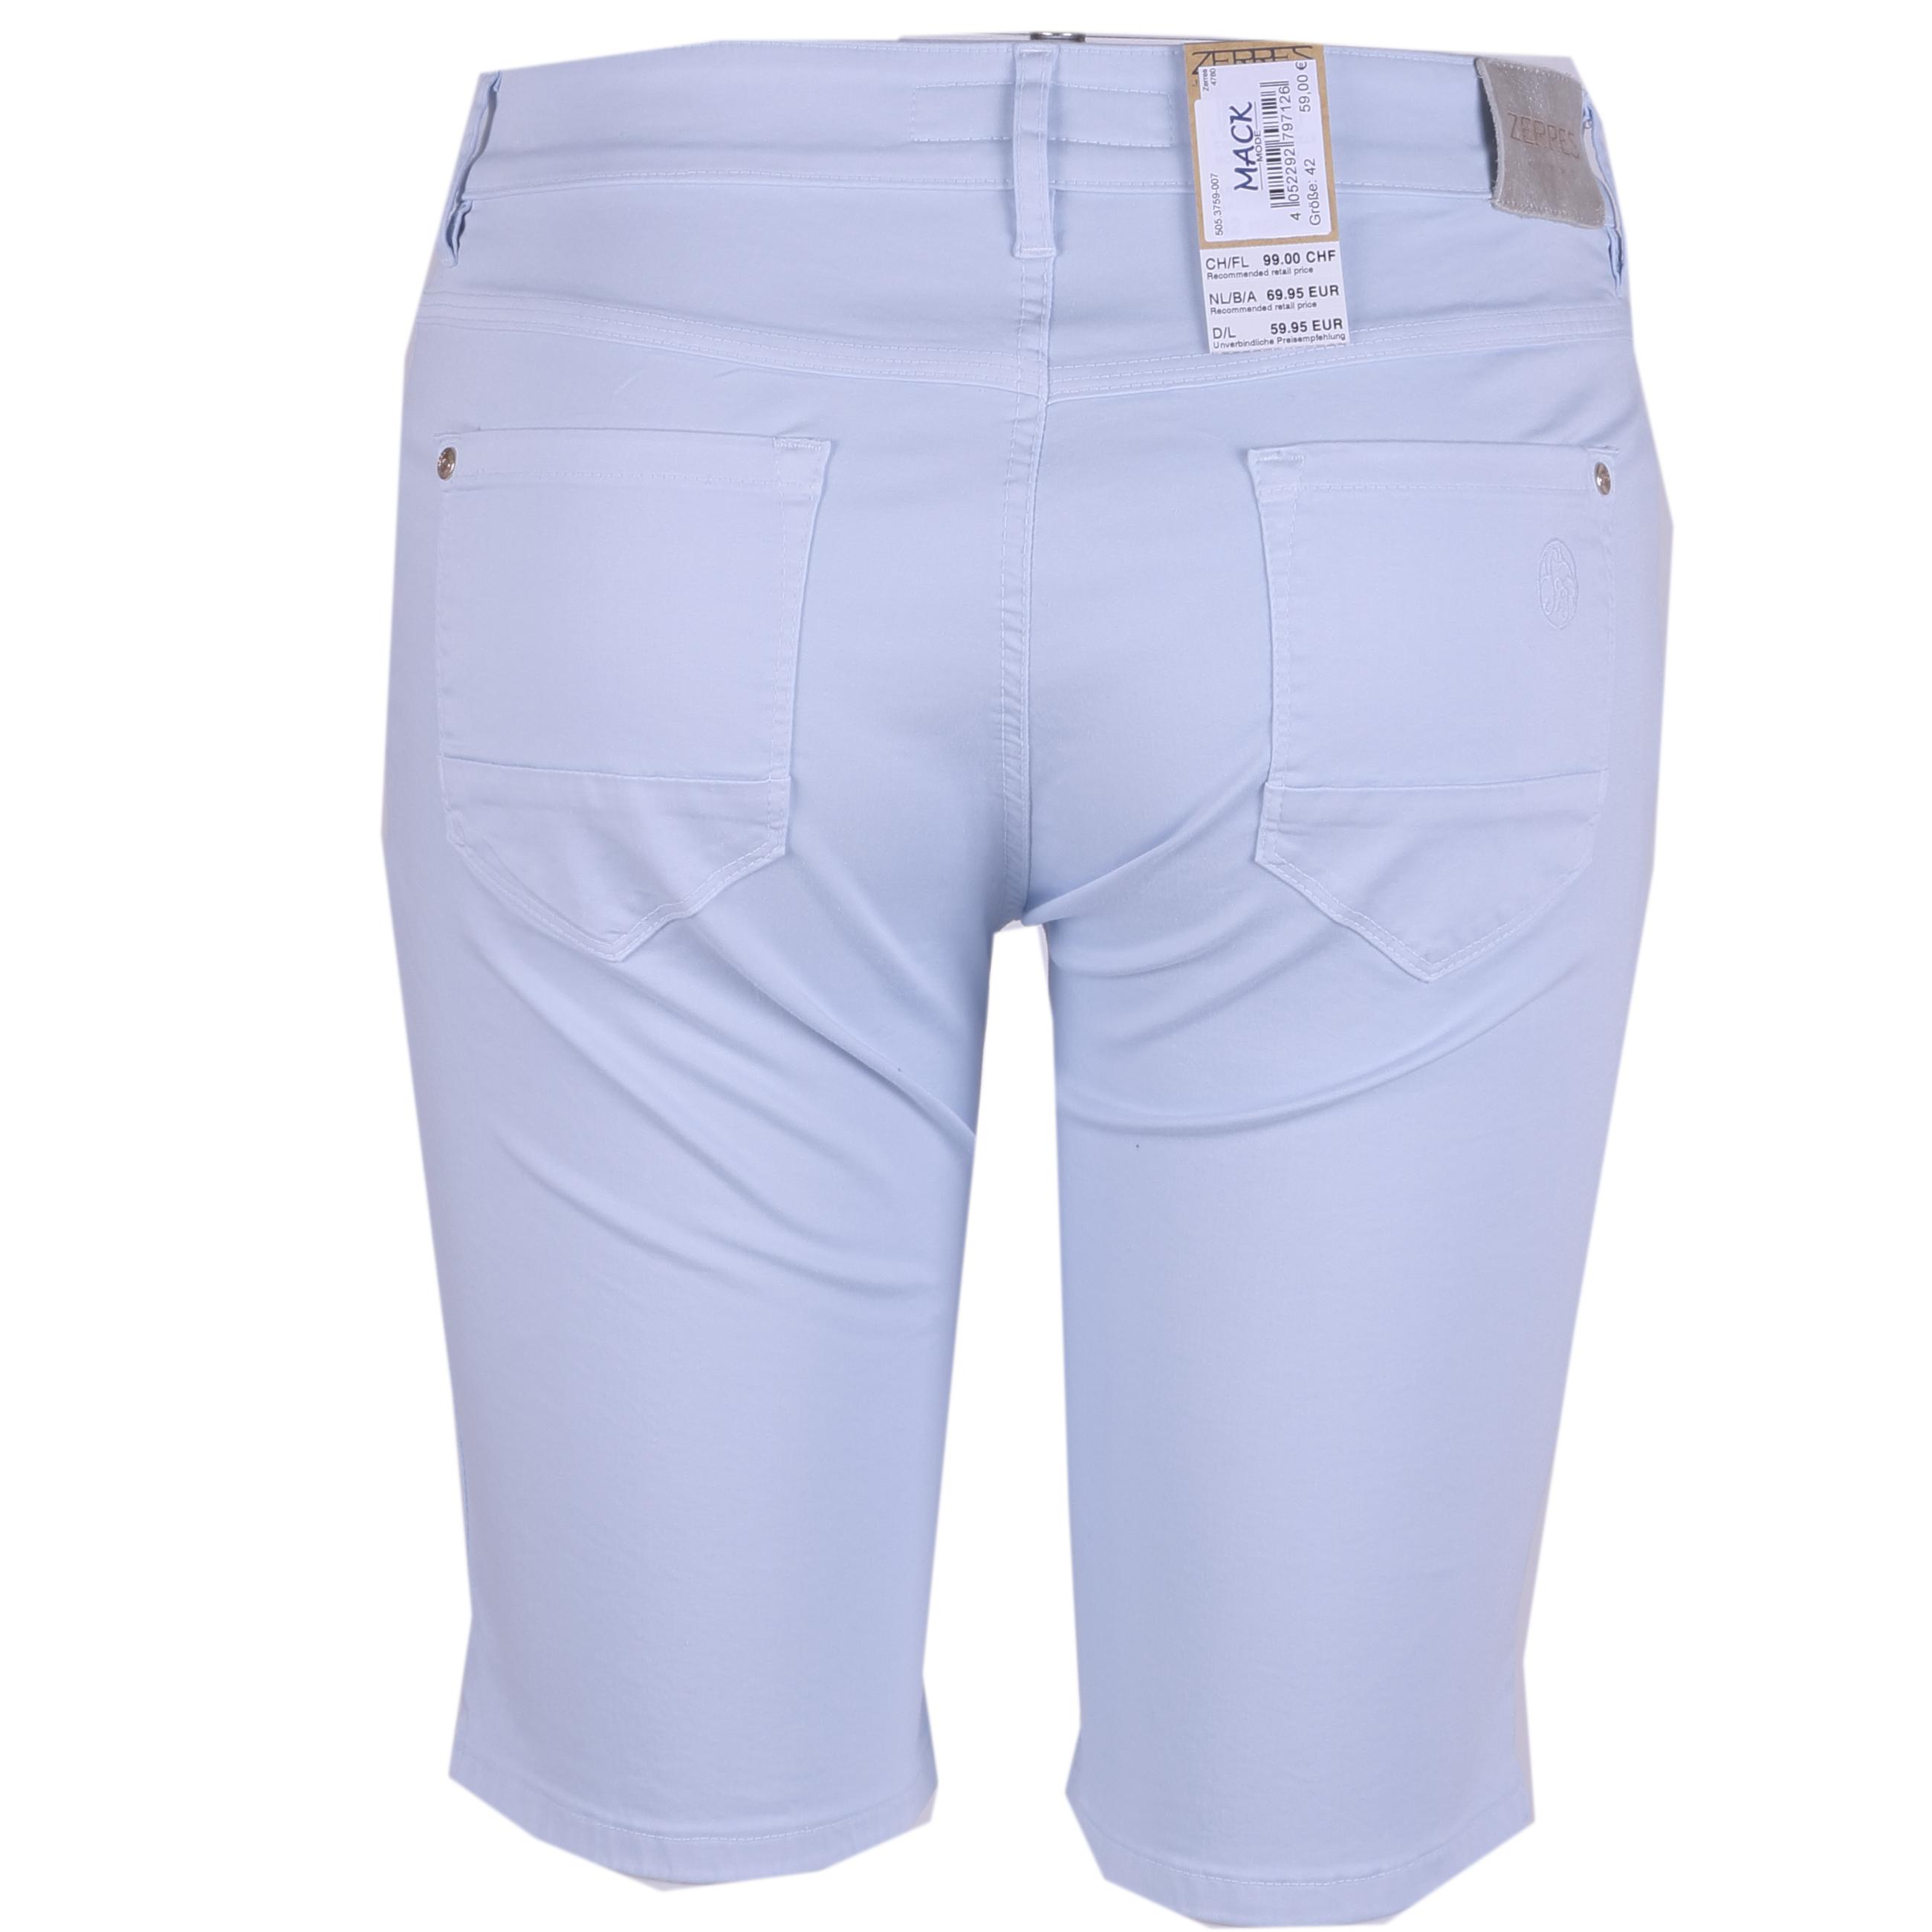 Zerres Damen Bermuda Shorts Sarah 42 hellblau